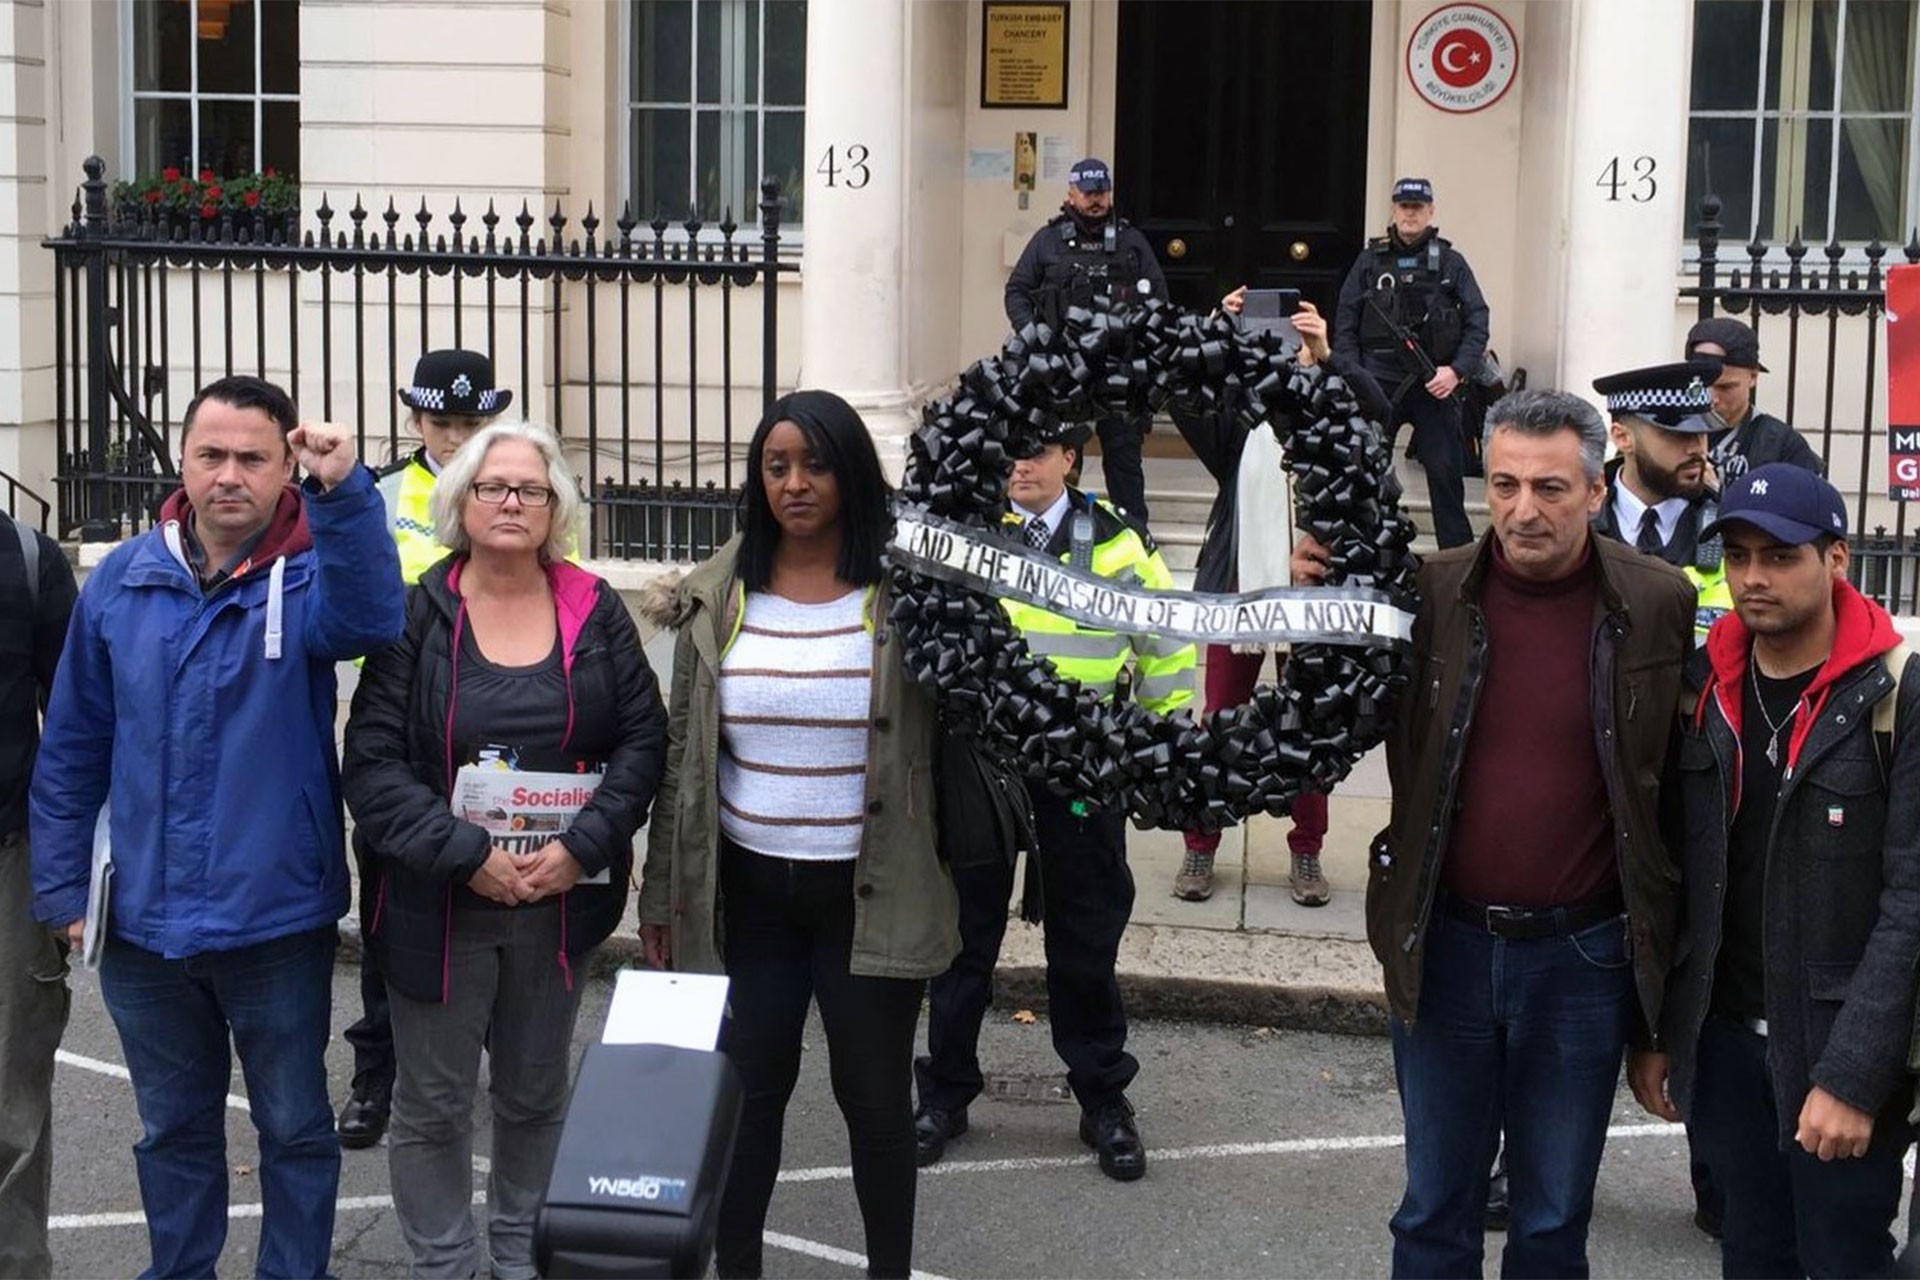 Operasyona dünyadan tepki: Londra'da büyükelçiliğe siyah çelenk